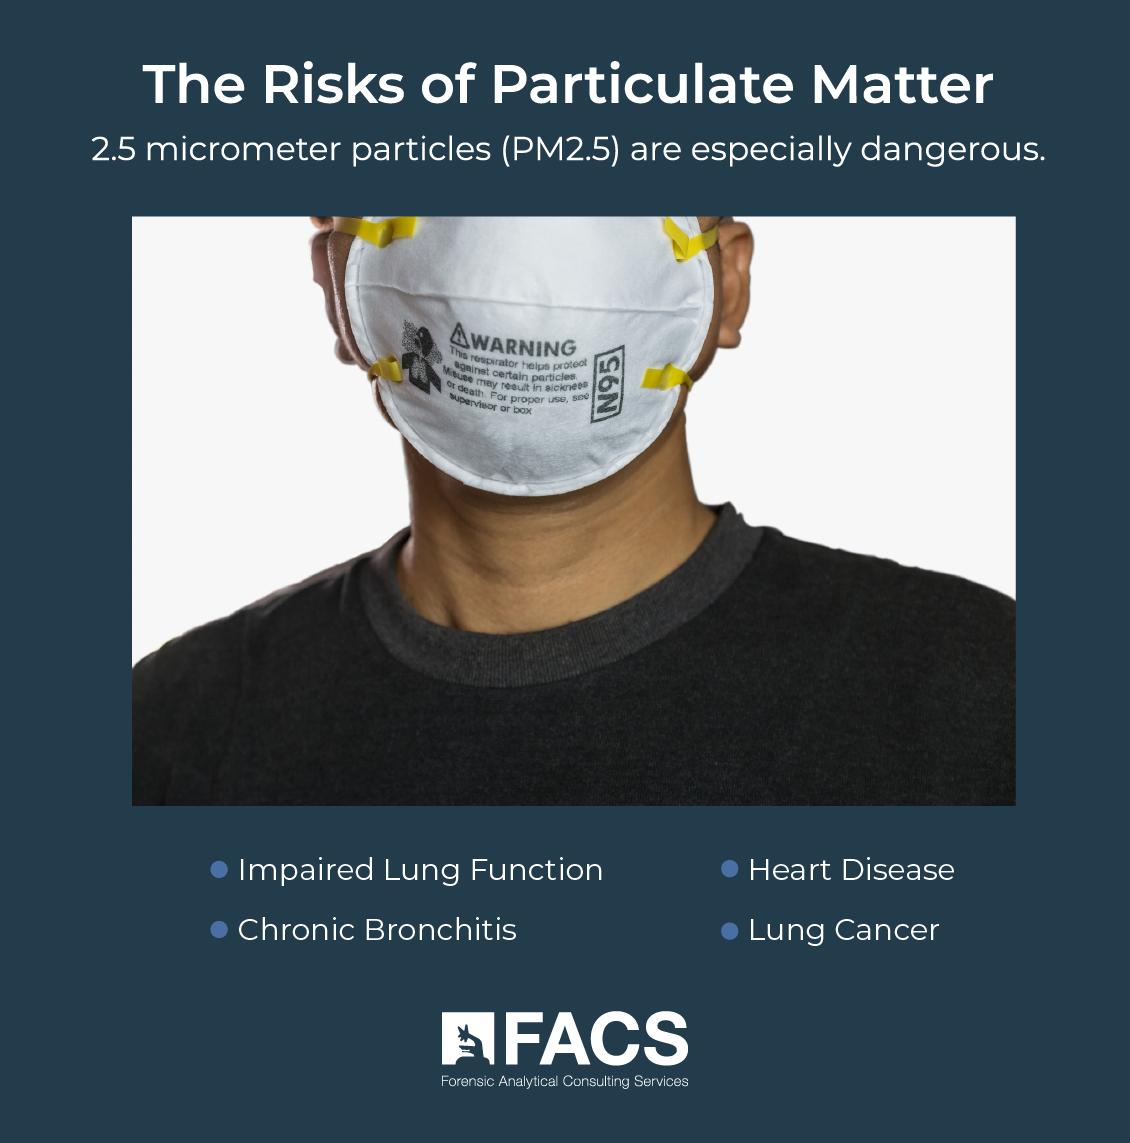 Risks of Particulate Matter